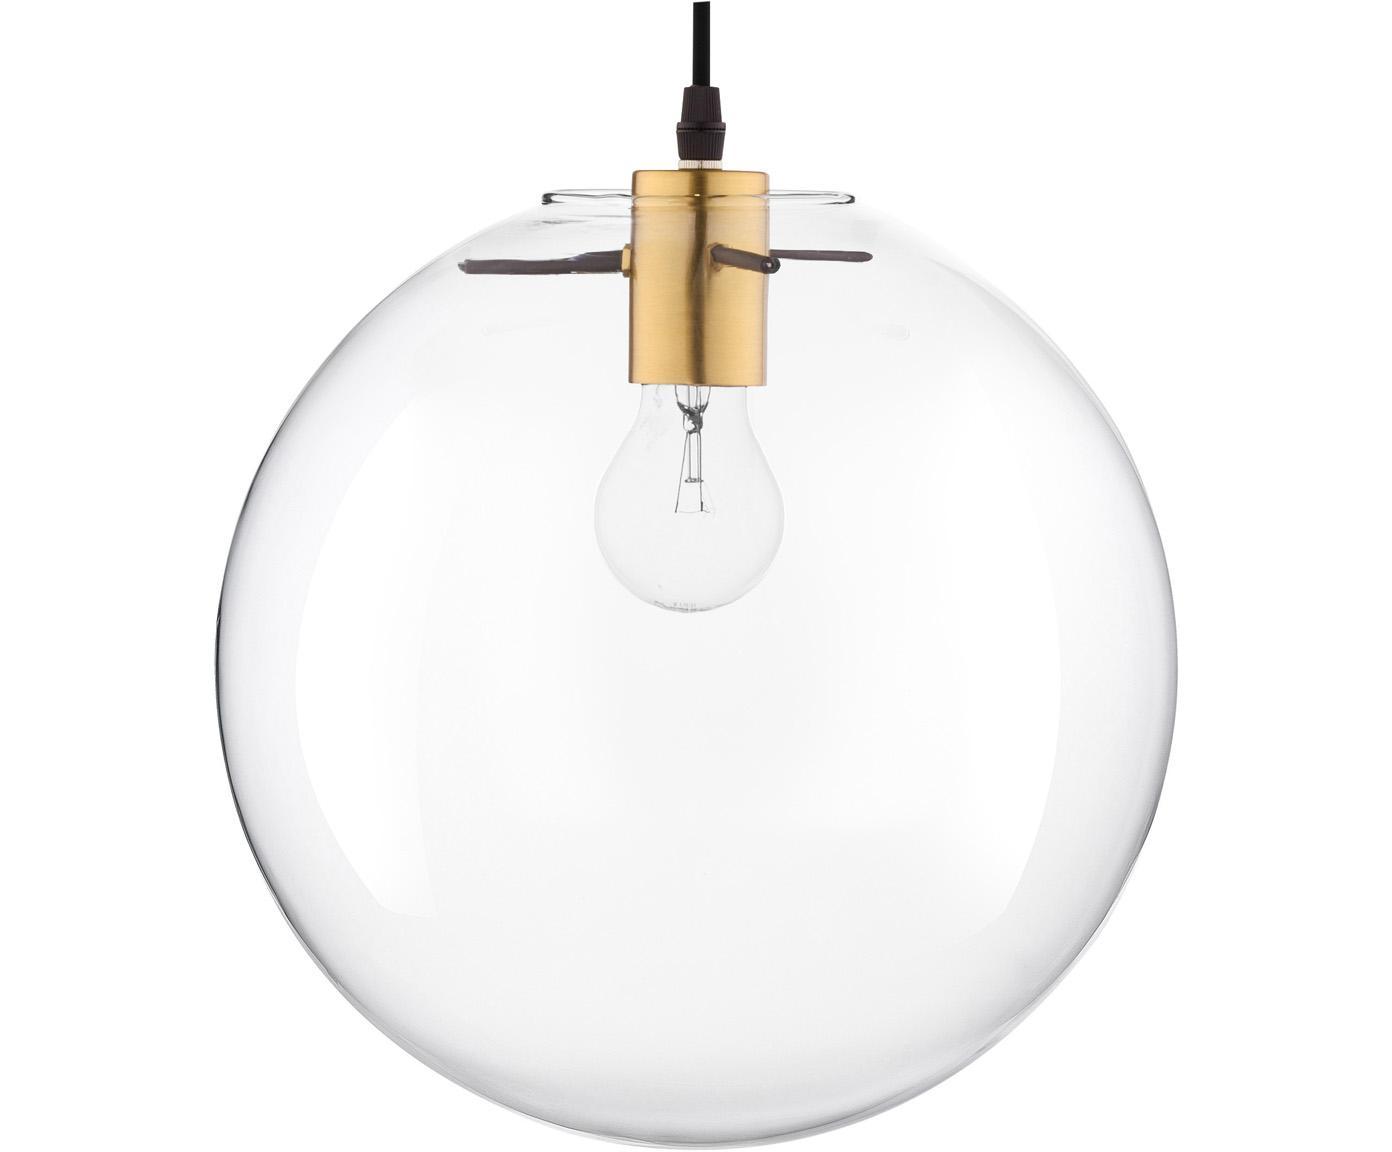 Pendelleuchte Mirale mit Glasschirm, Lampenschirm: Glas, Baldachin: Kunststoff, Messingfarben, Transparent, Ø 25 x H 25 cm